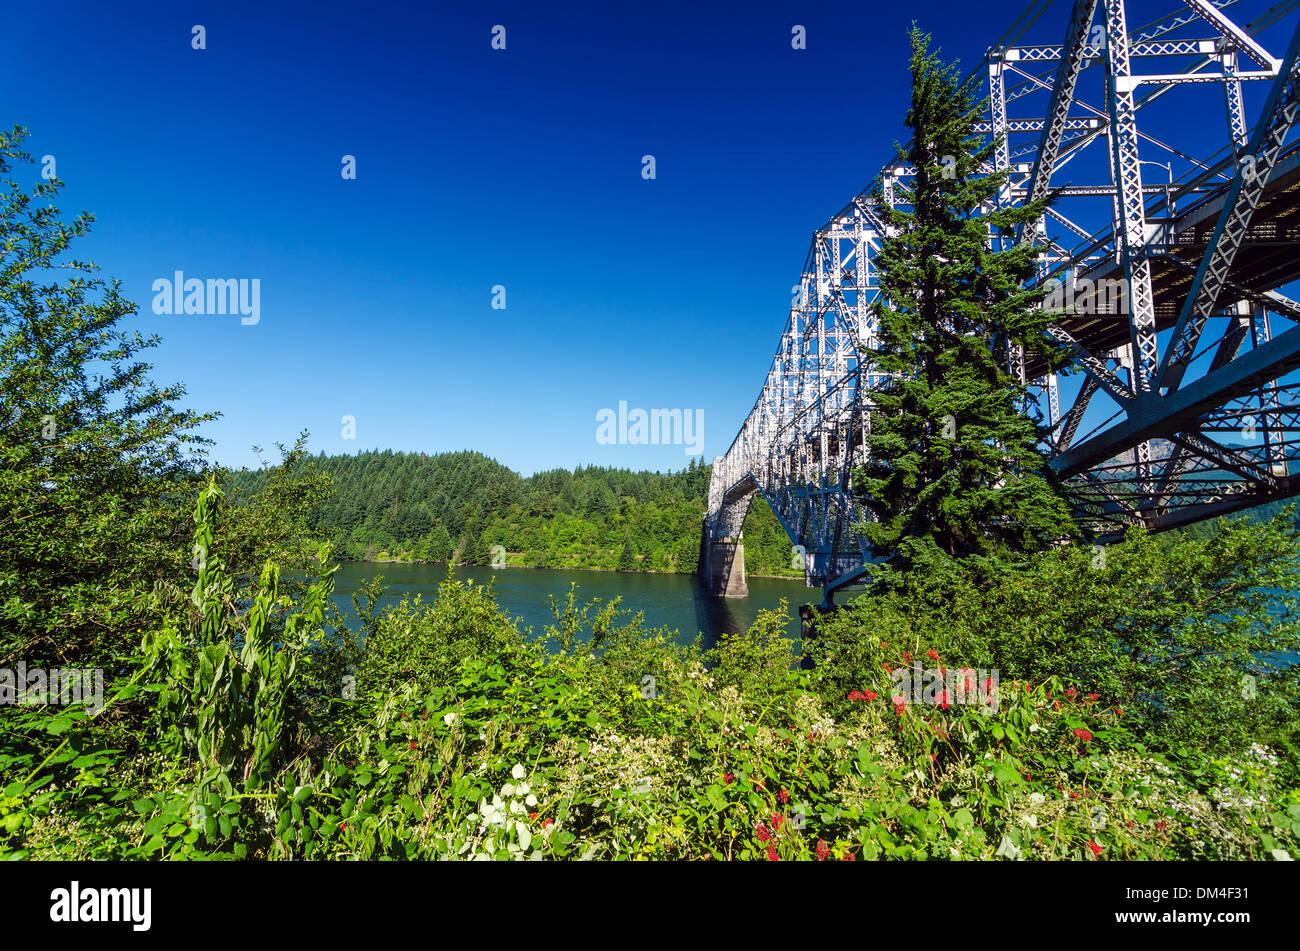 Vegetation surrounding the Bridge of the Gods connecting Oregon to Washington - Stock Image